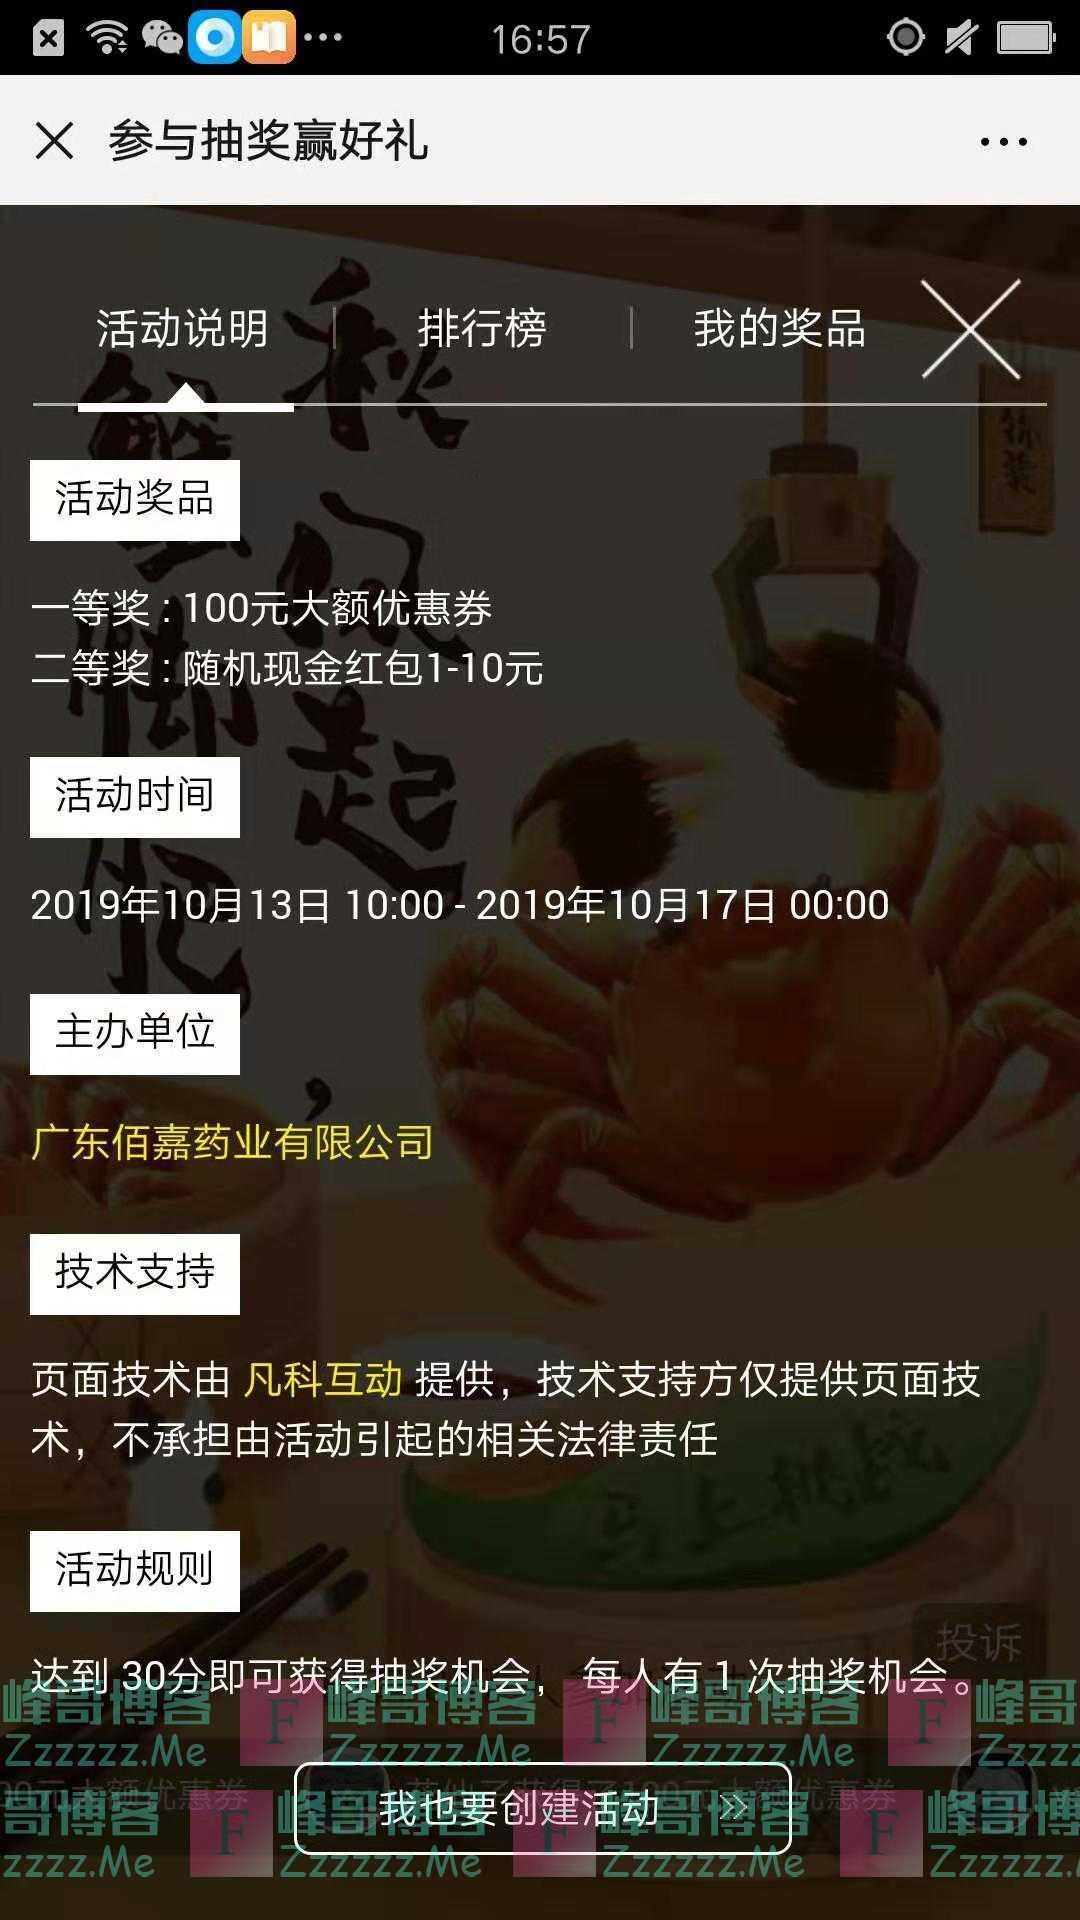 汤臣倍健健康100+幸运抽红包(截止10月17日)